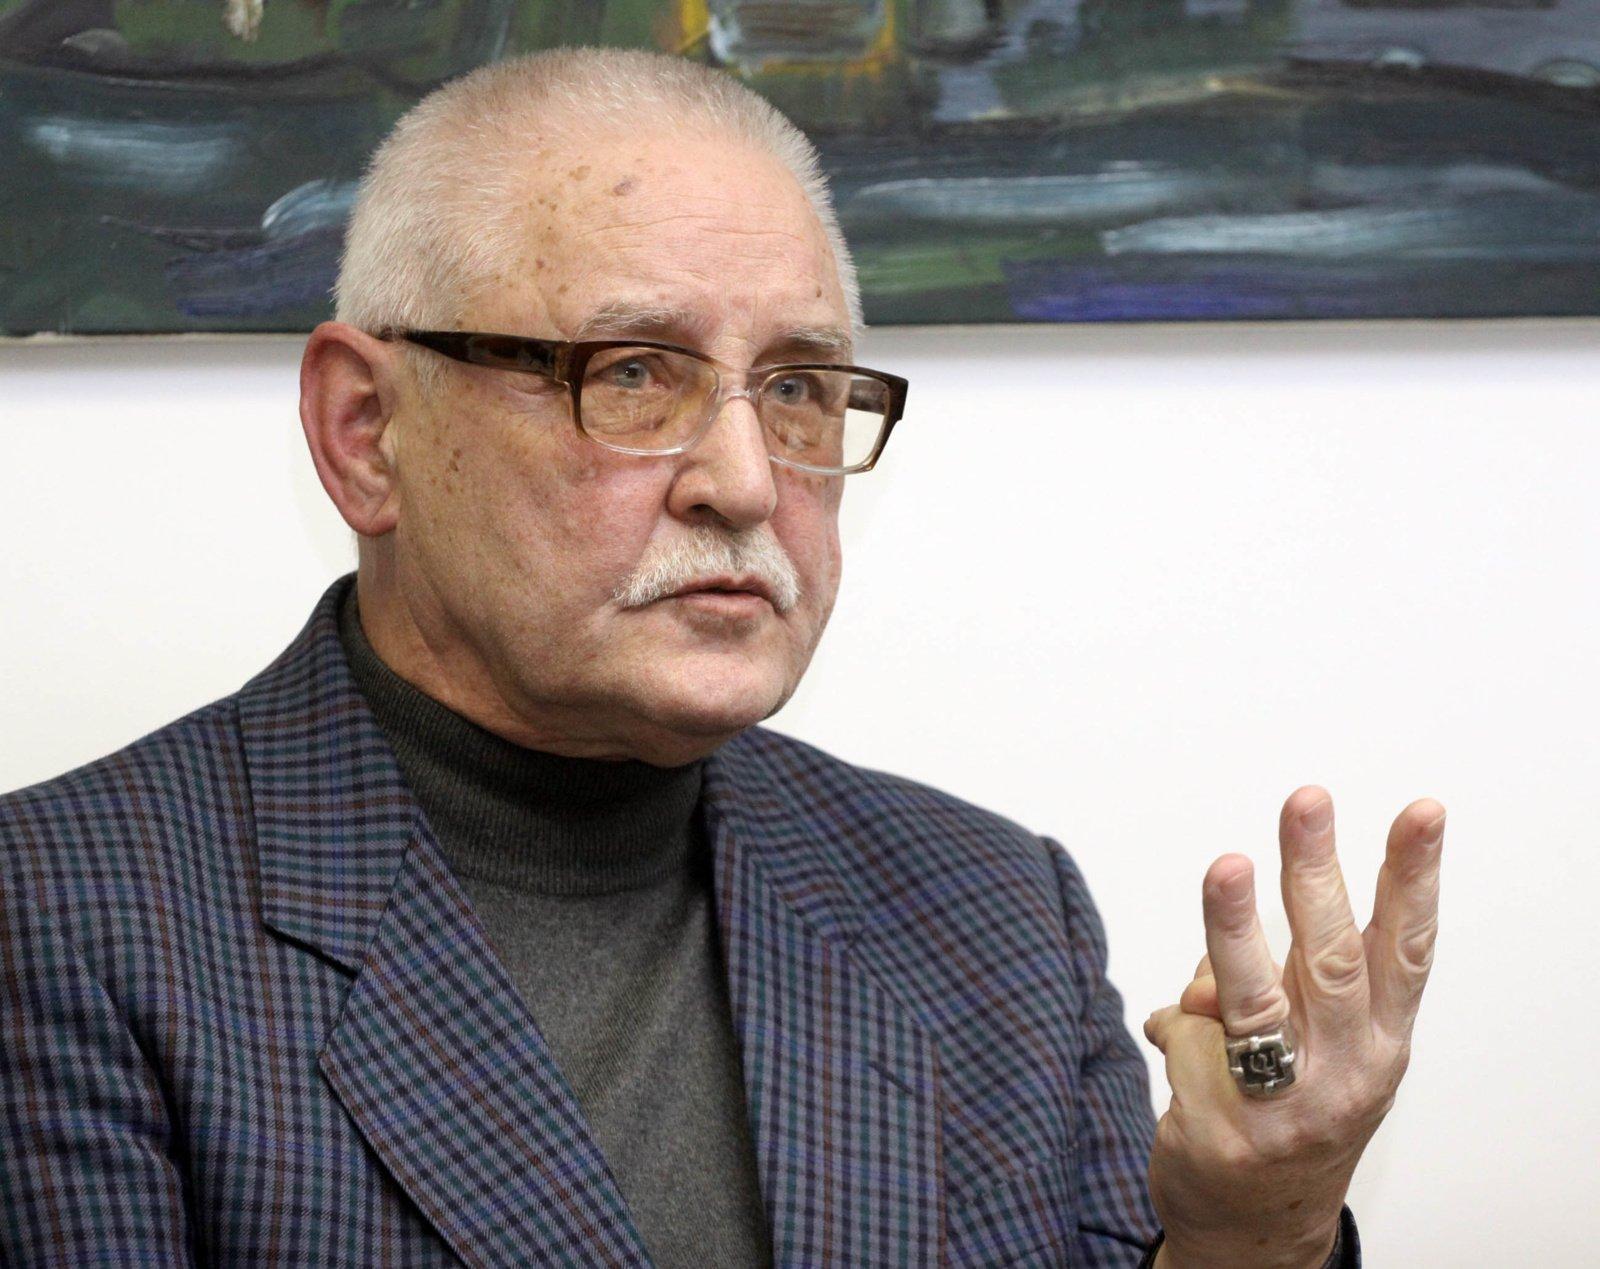 Mirė nacionalinės kultūros ir meno premijos laureatas, rašytojas, tapytojas Leonardas Gutauskas